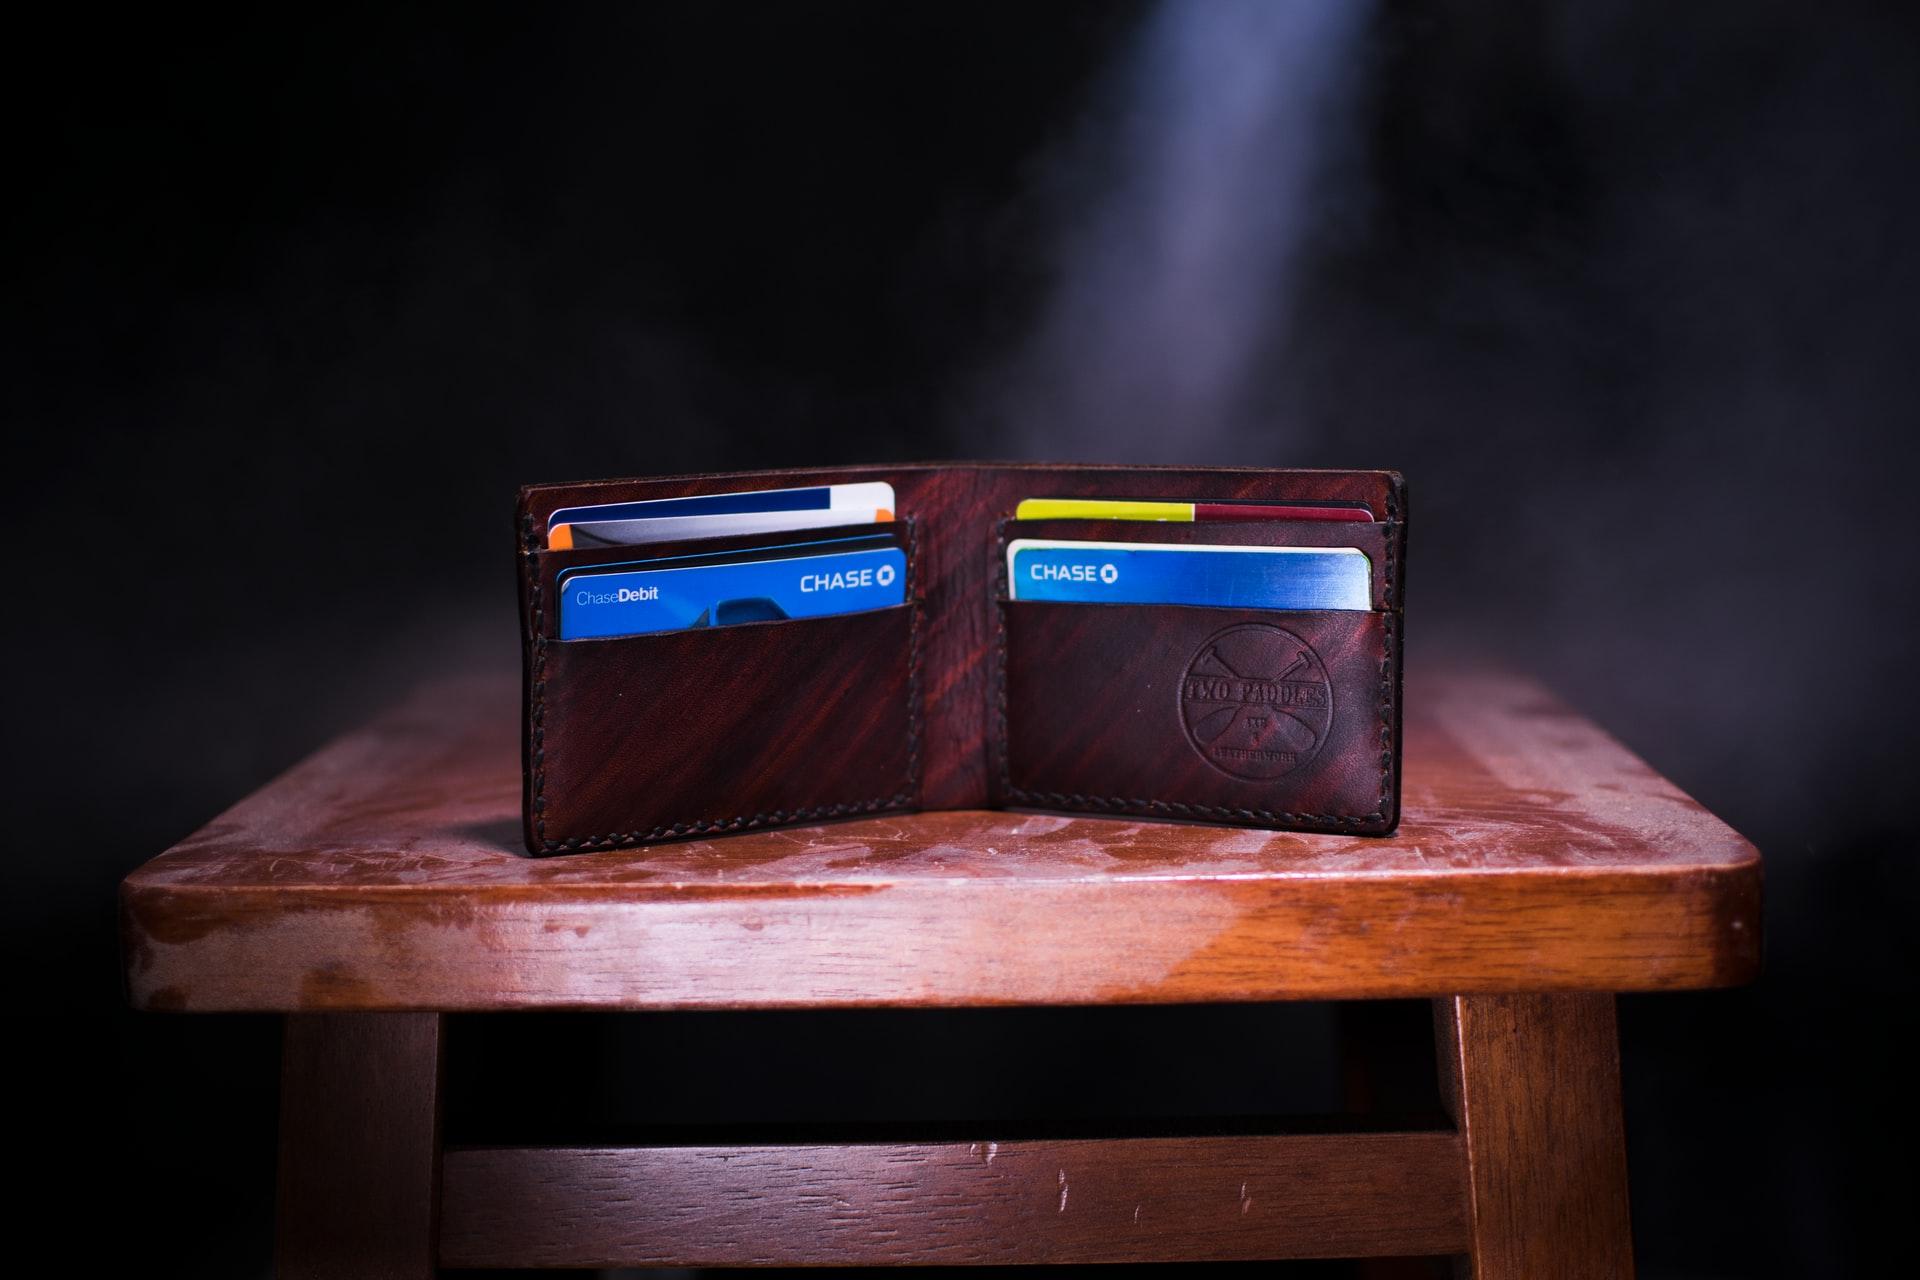 Melhores opções de cartão de crédito com limite para negativado! (Imagem: Two Paddles Axe/Unsplash)